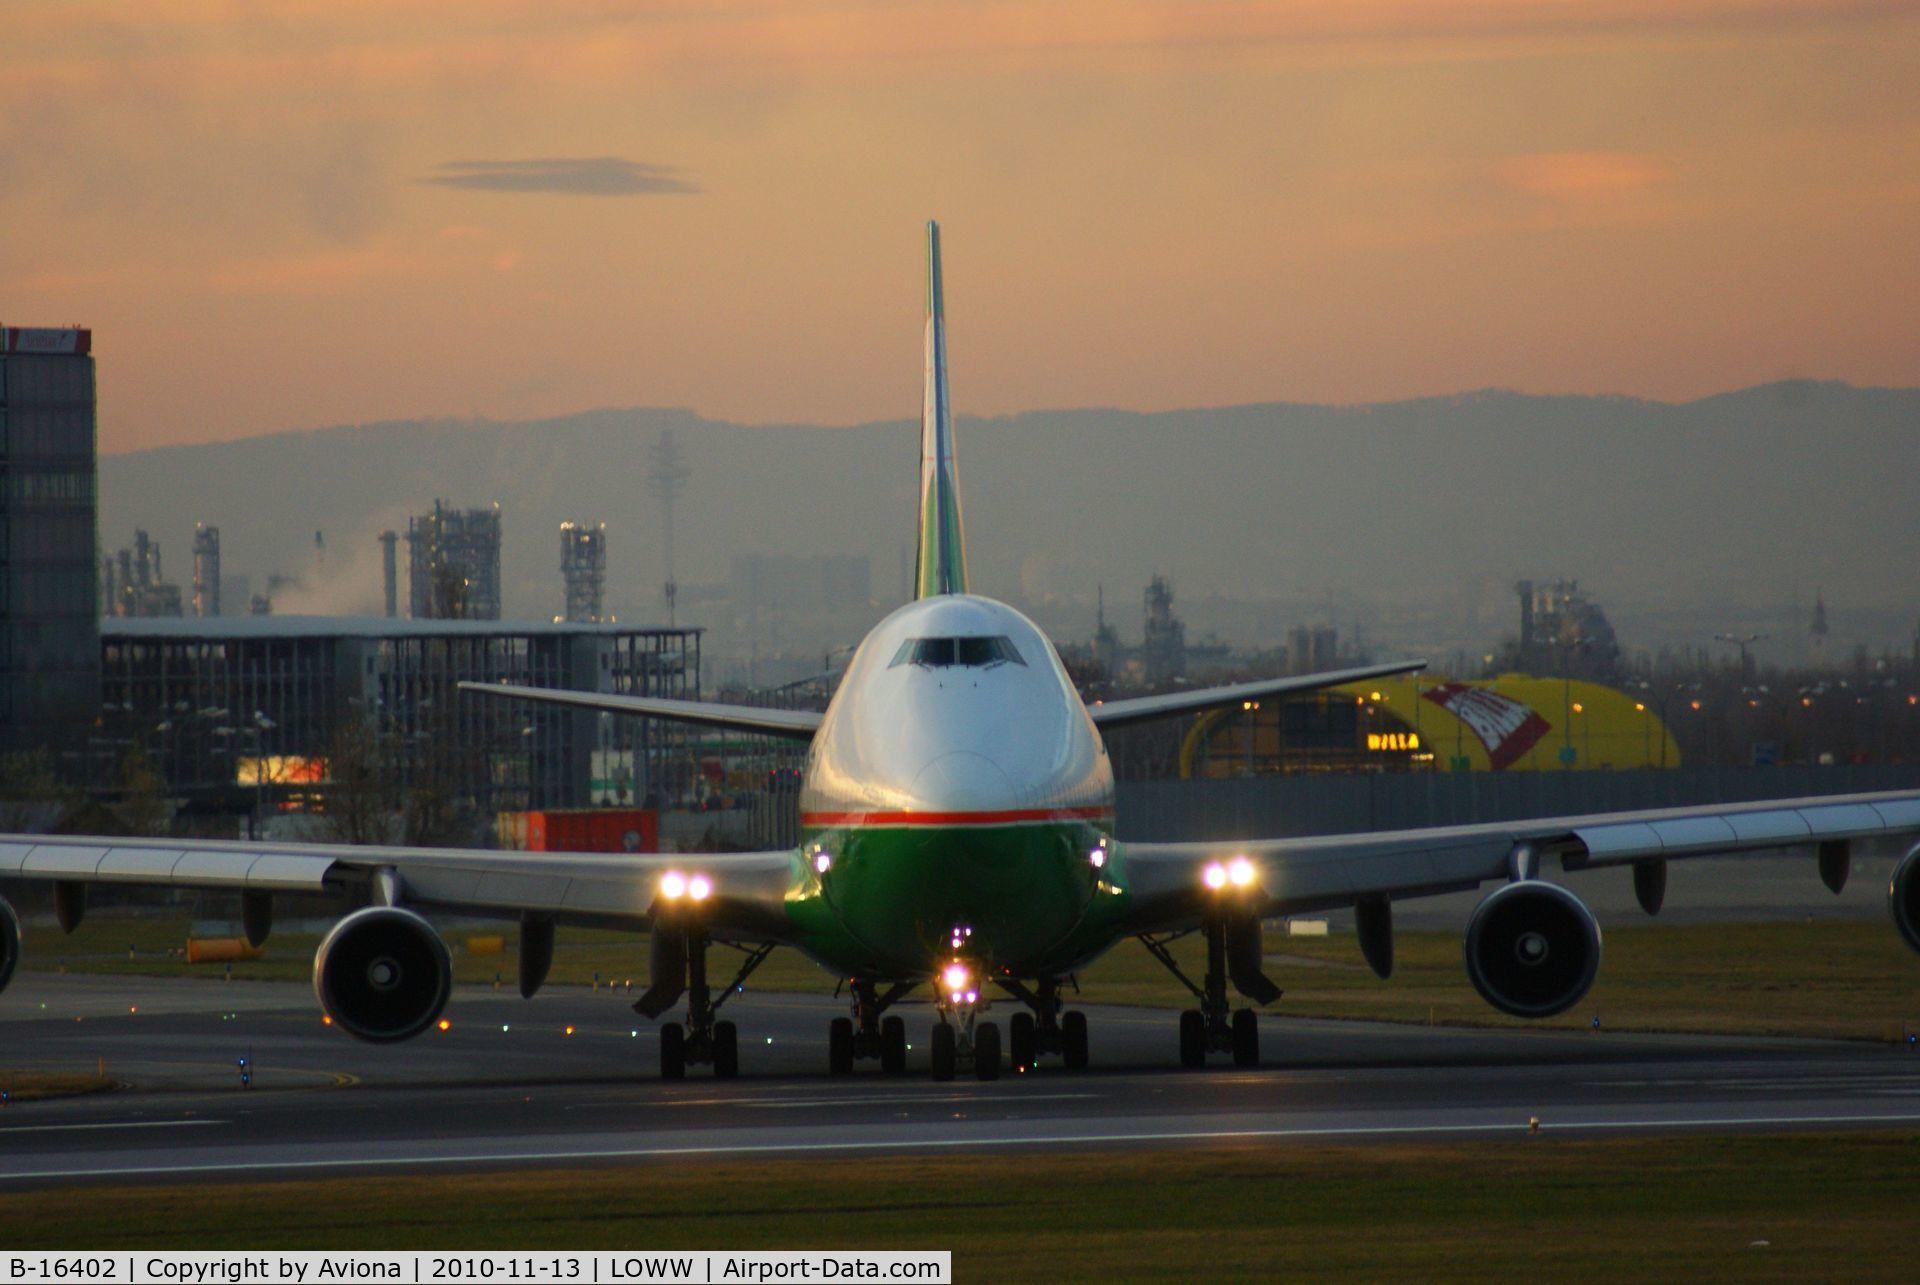 B-16402, 1992 Boeing 747-45E C/N 27063, B-16402@ VIE